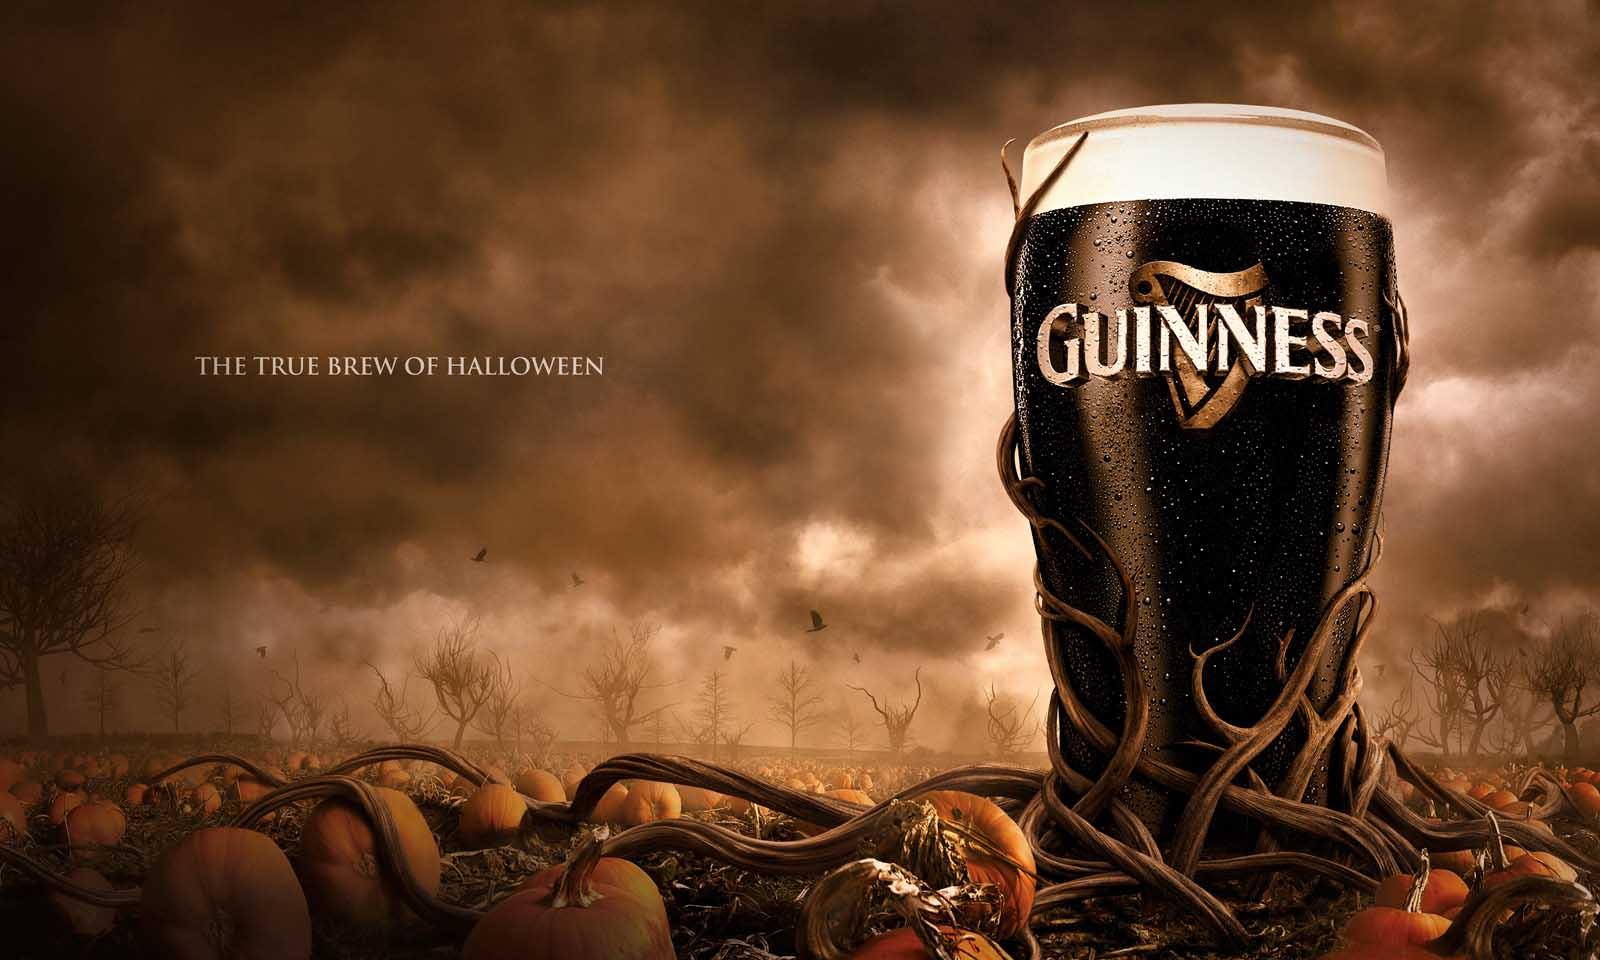 guinness-beer-for-halloween